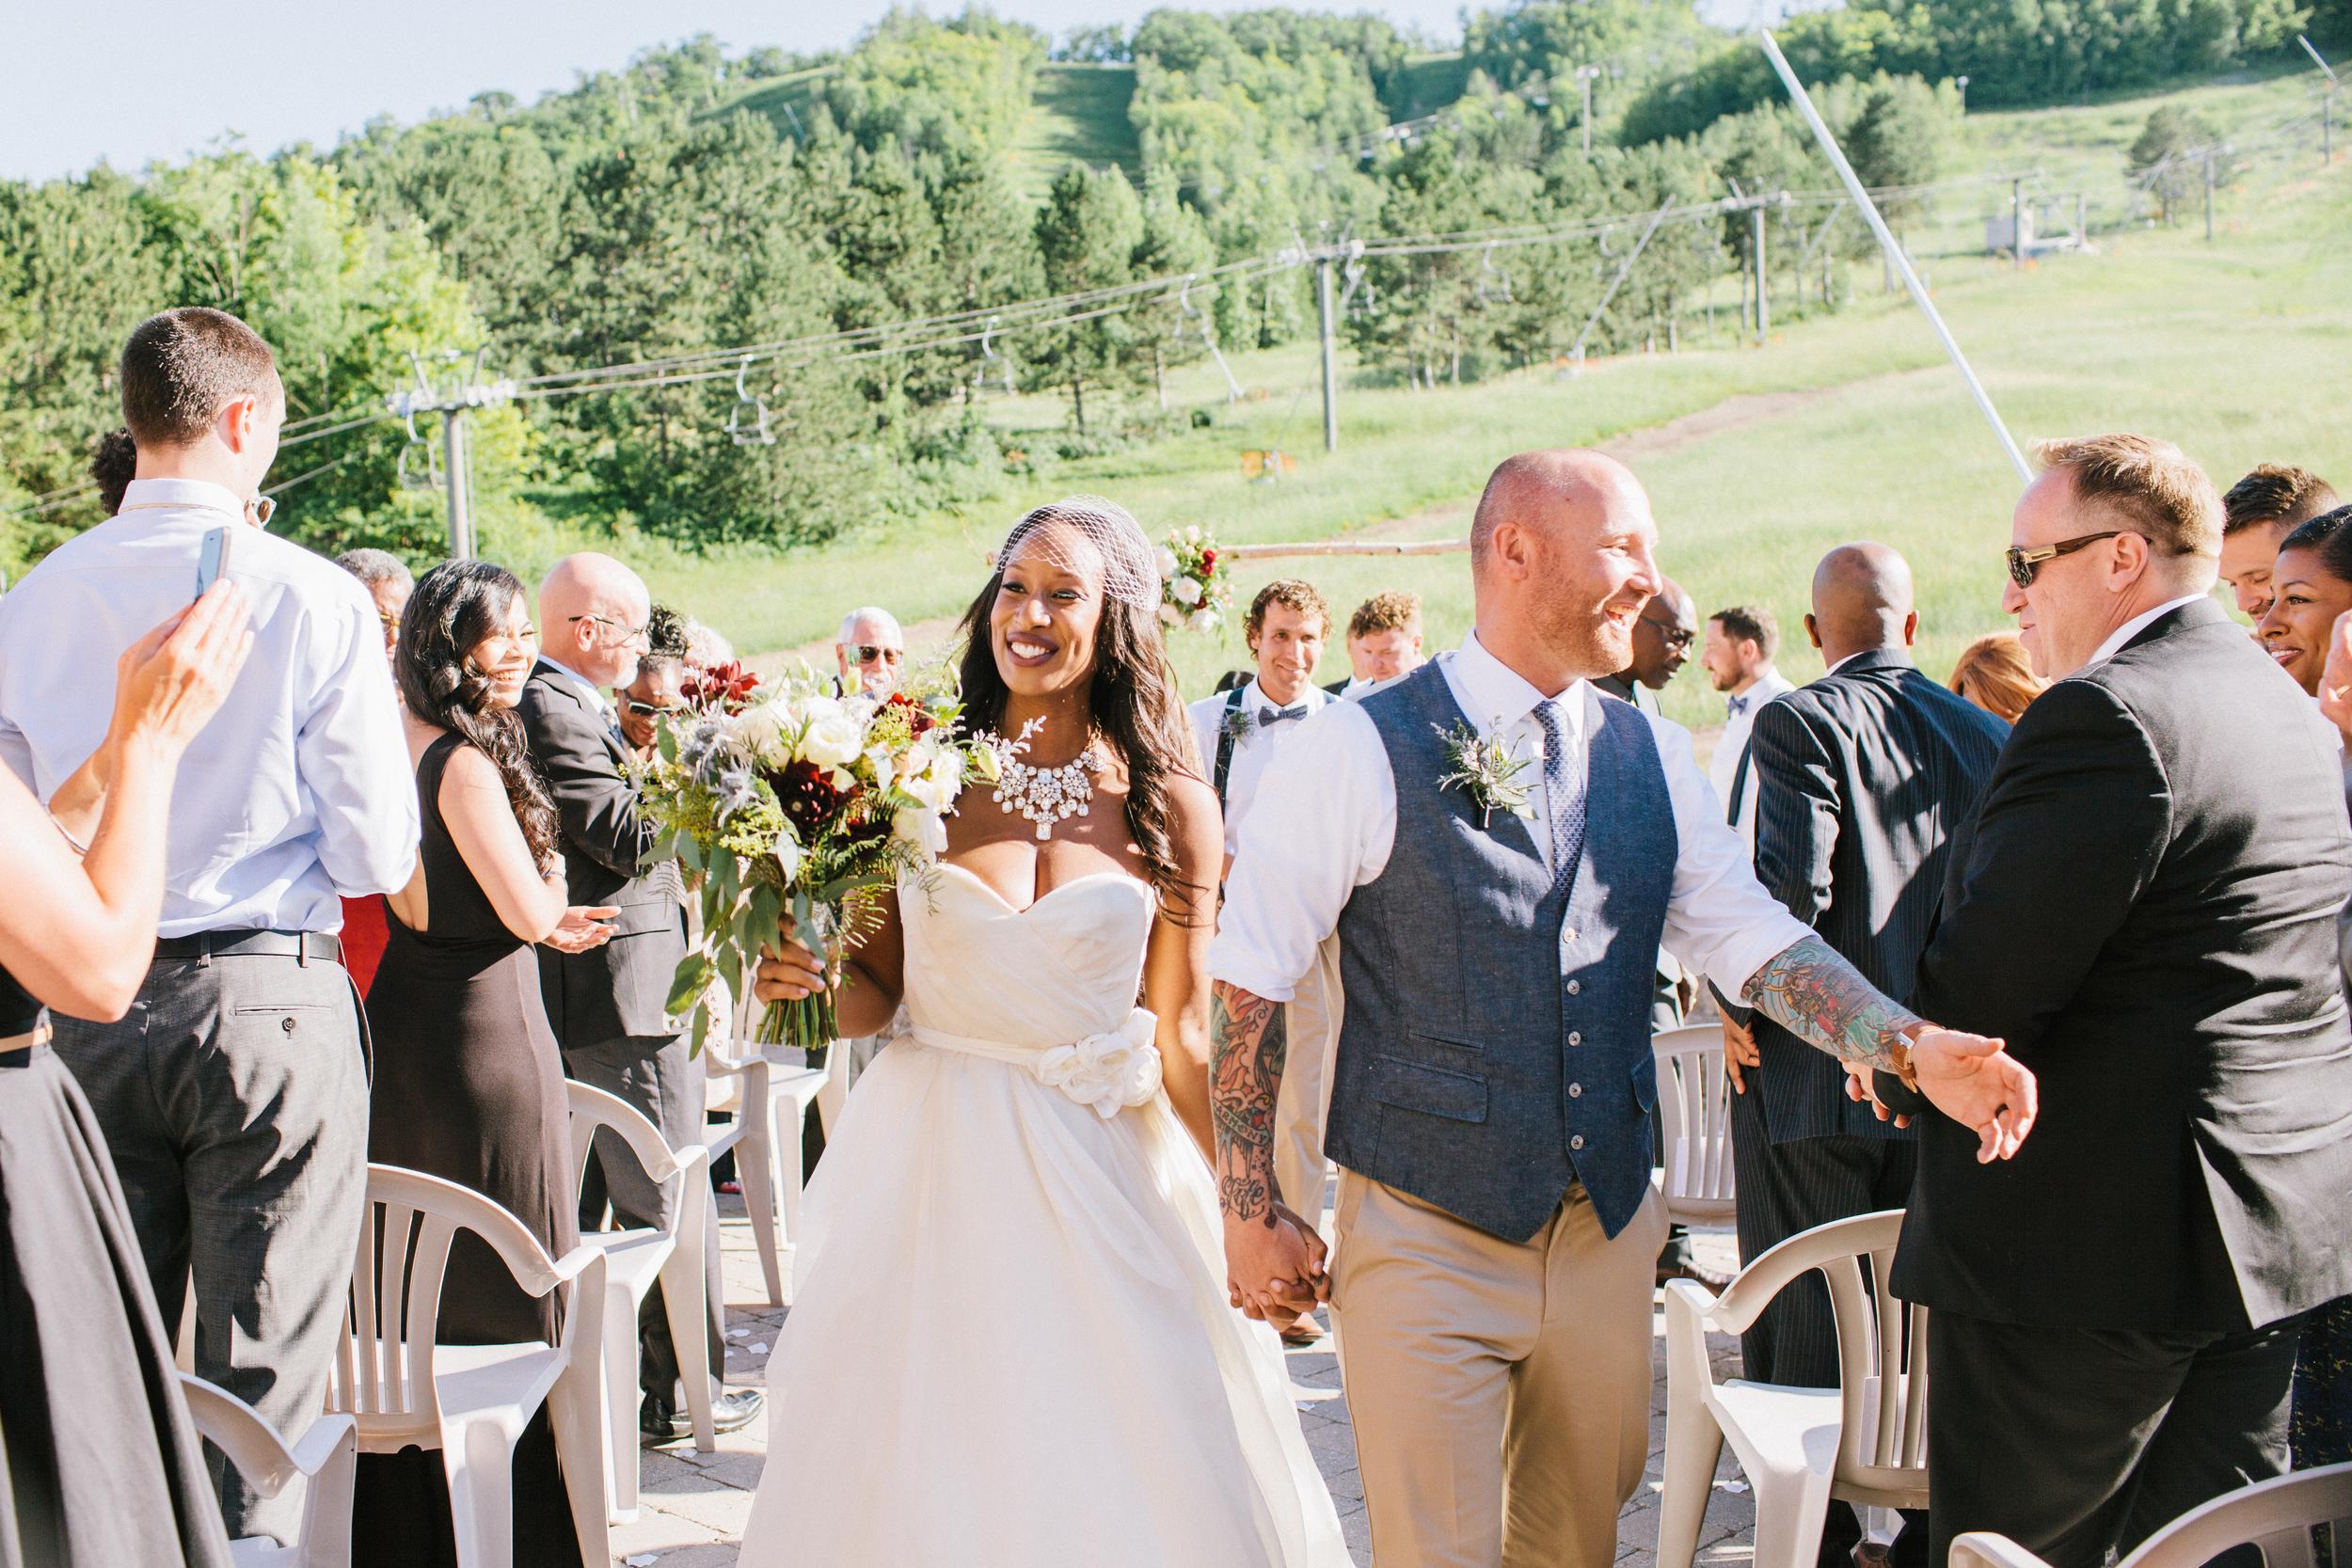 michael-rousseau-photography-shannae-ingleton-wedding-sean-craigleith-ski-club-wedding058.jpg